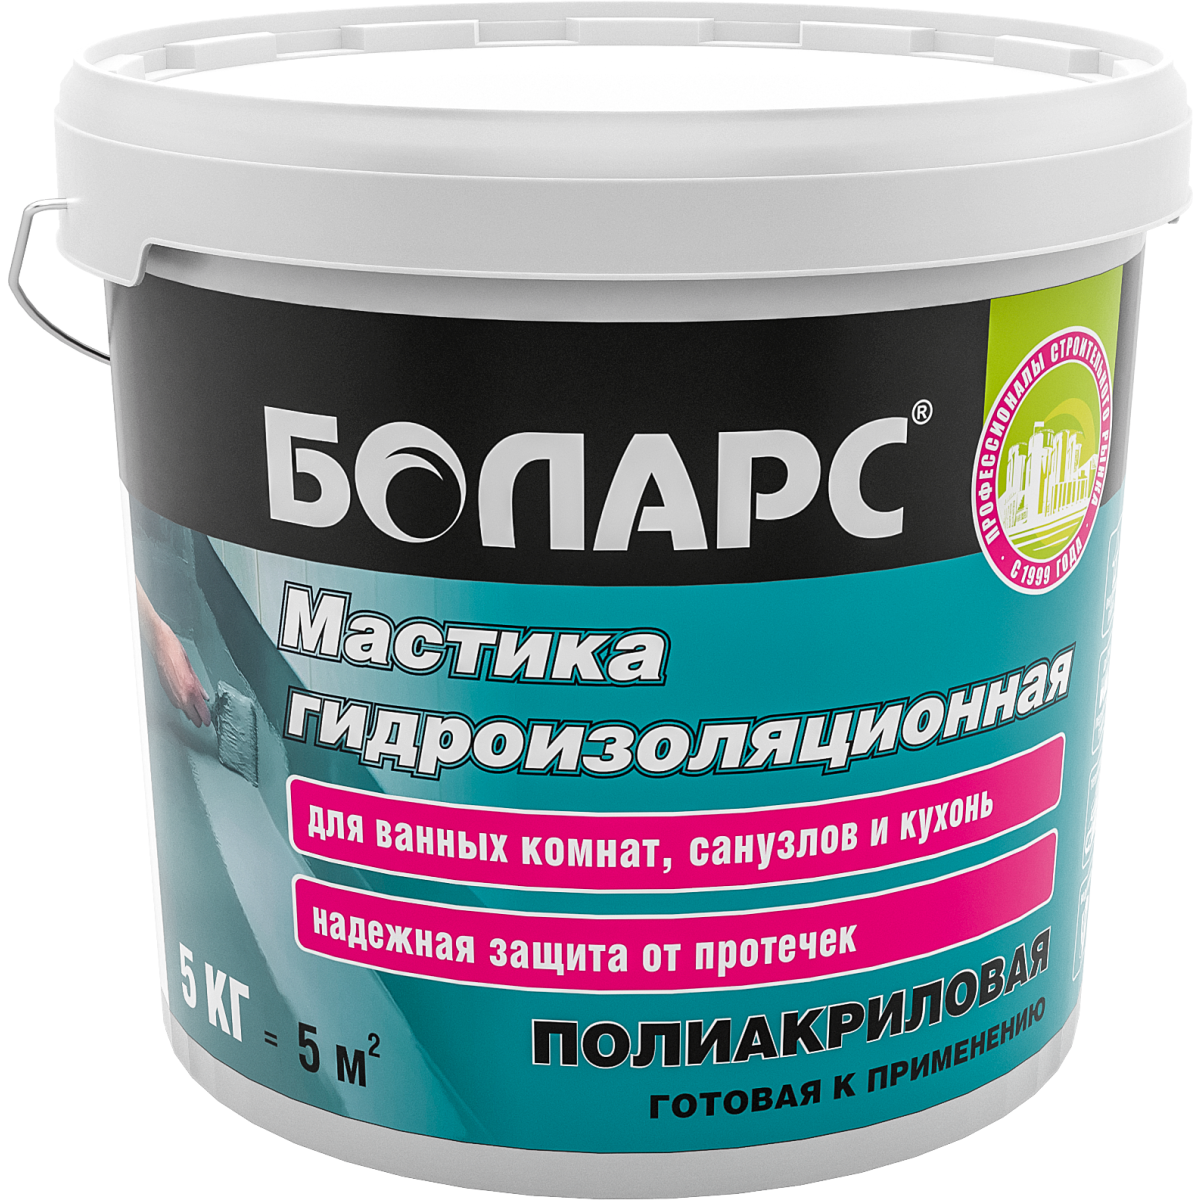 Мастика гидроизоляционная Боларс полиакриловая 5 кг